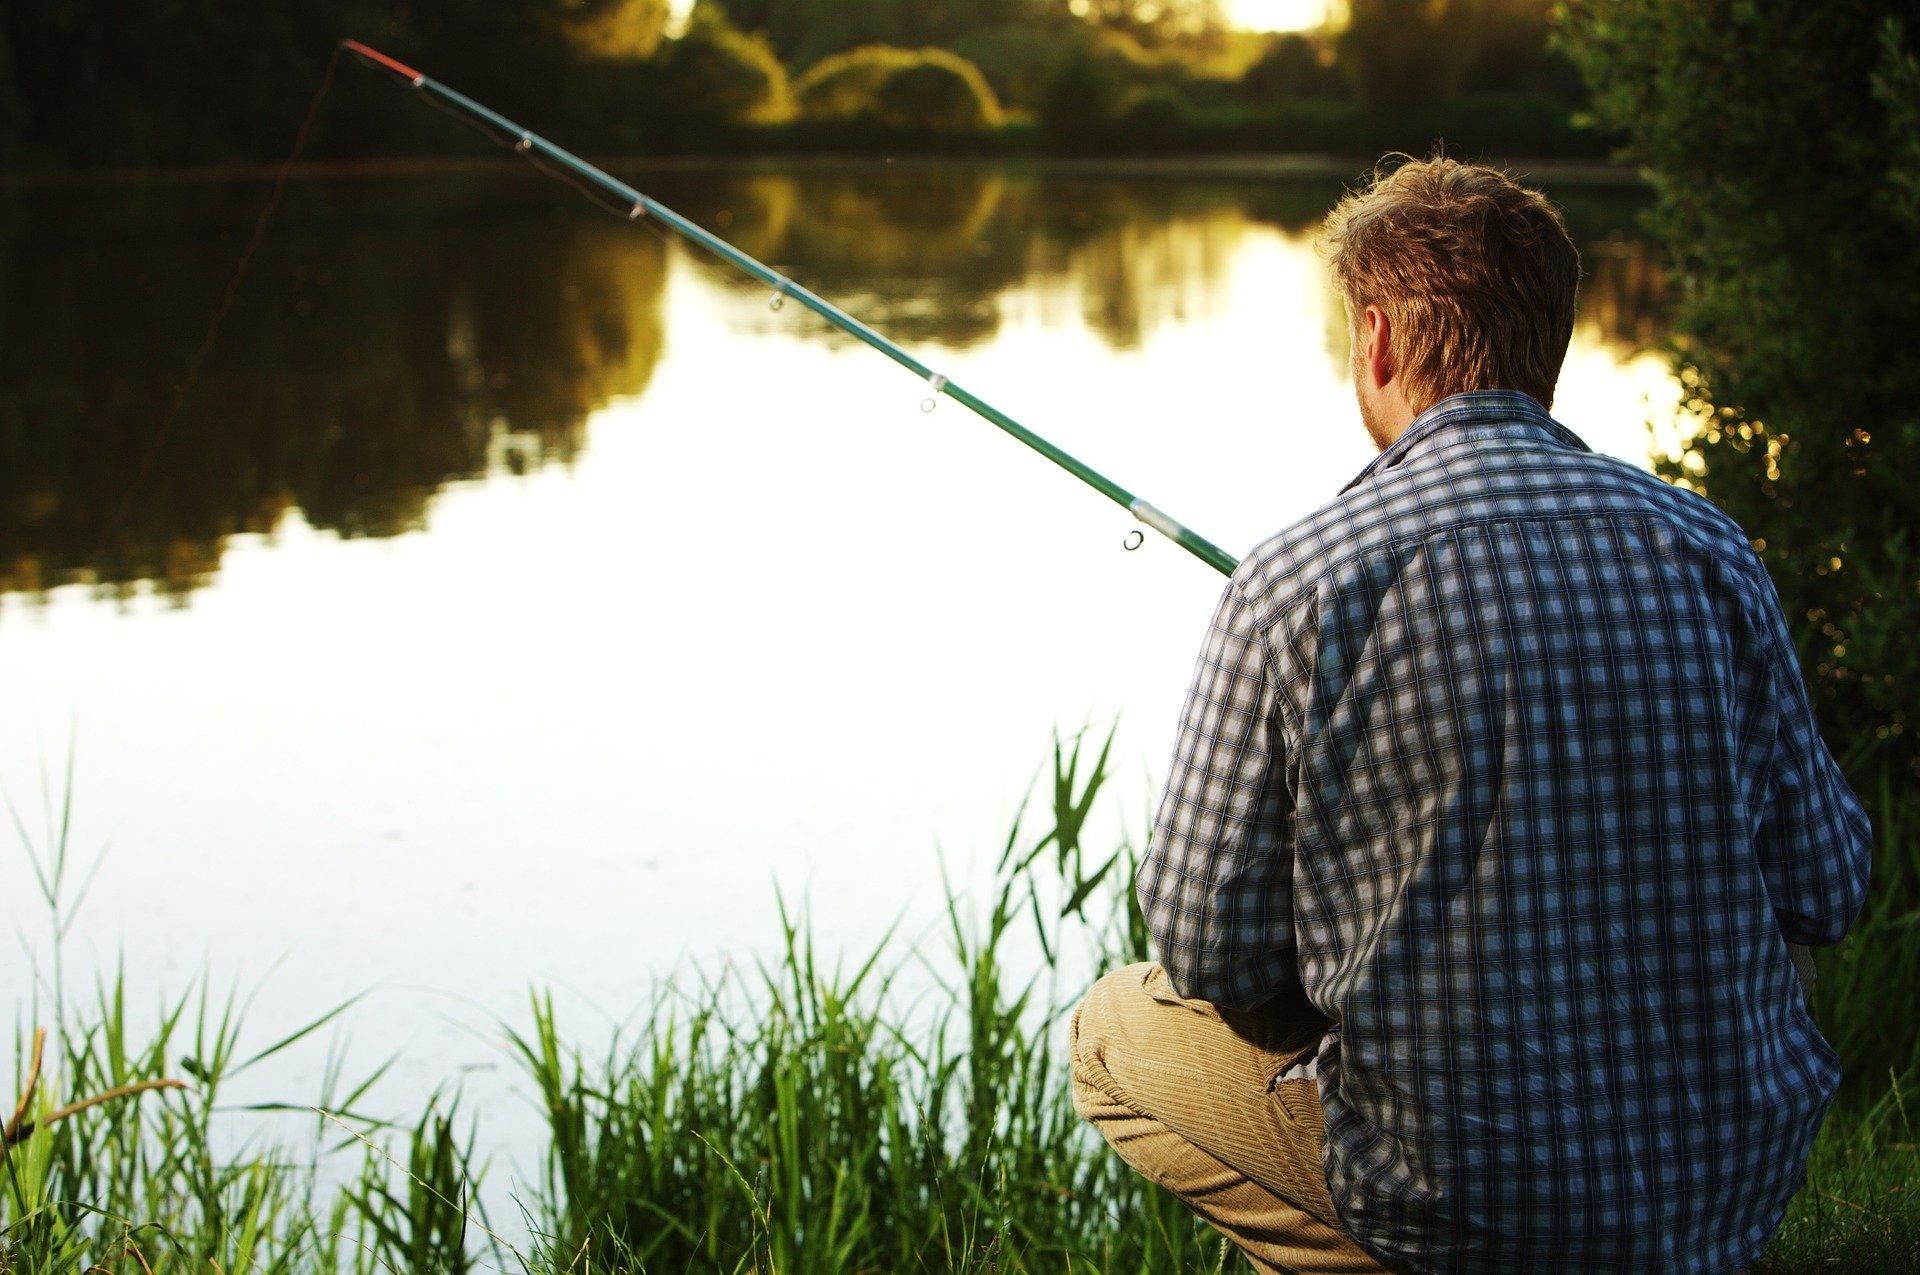 Jak se stát rybářem aneb Jak začít rybařit